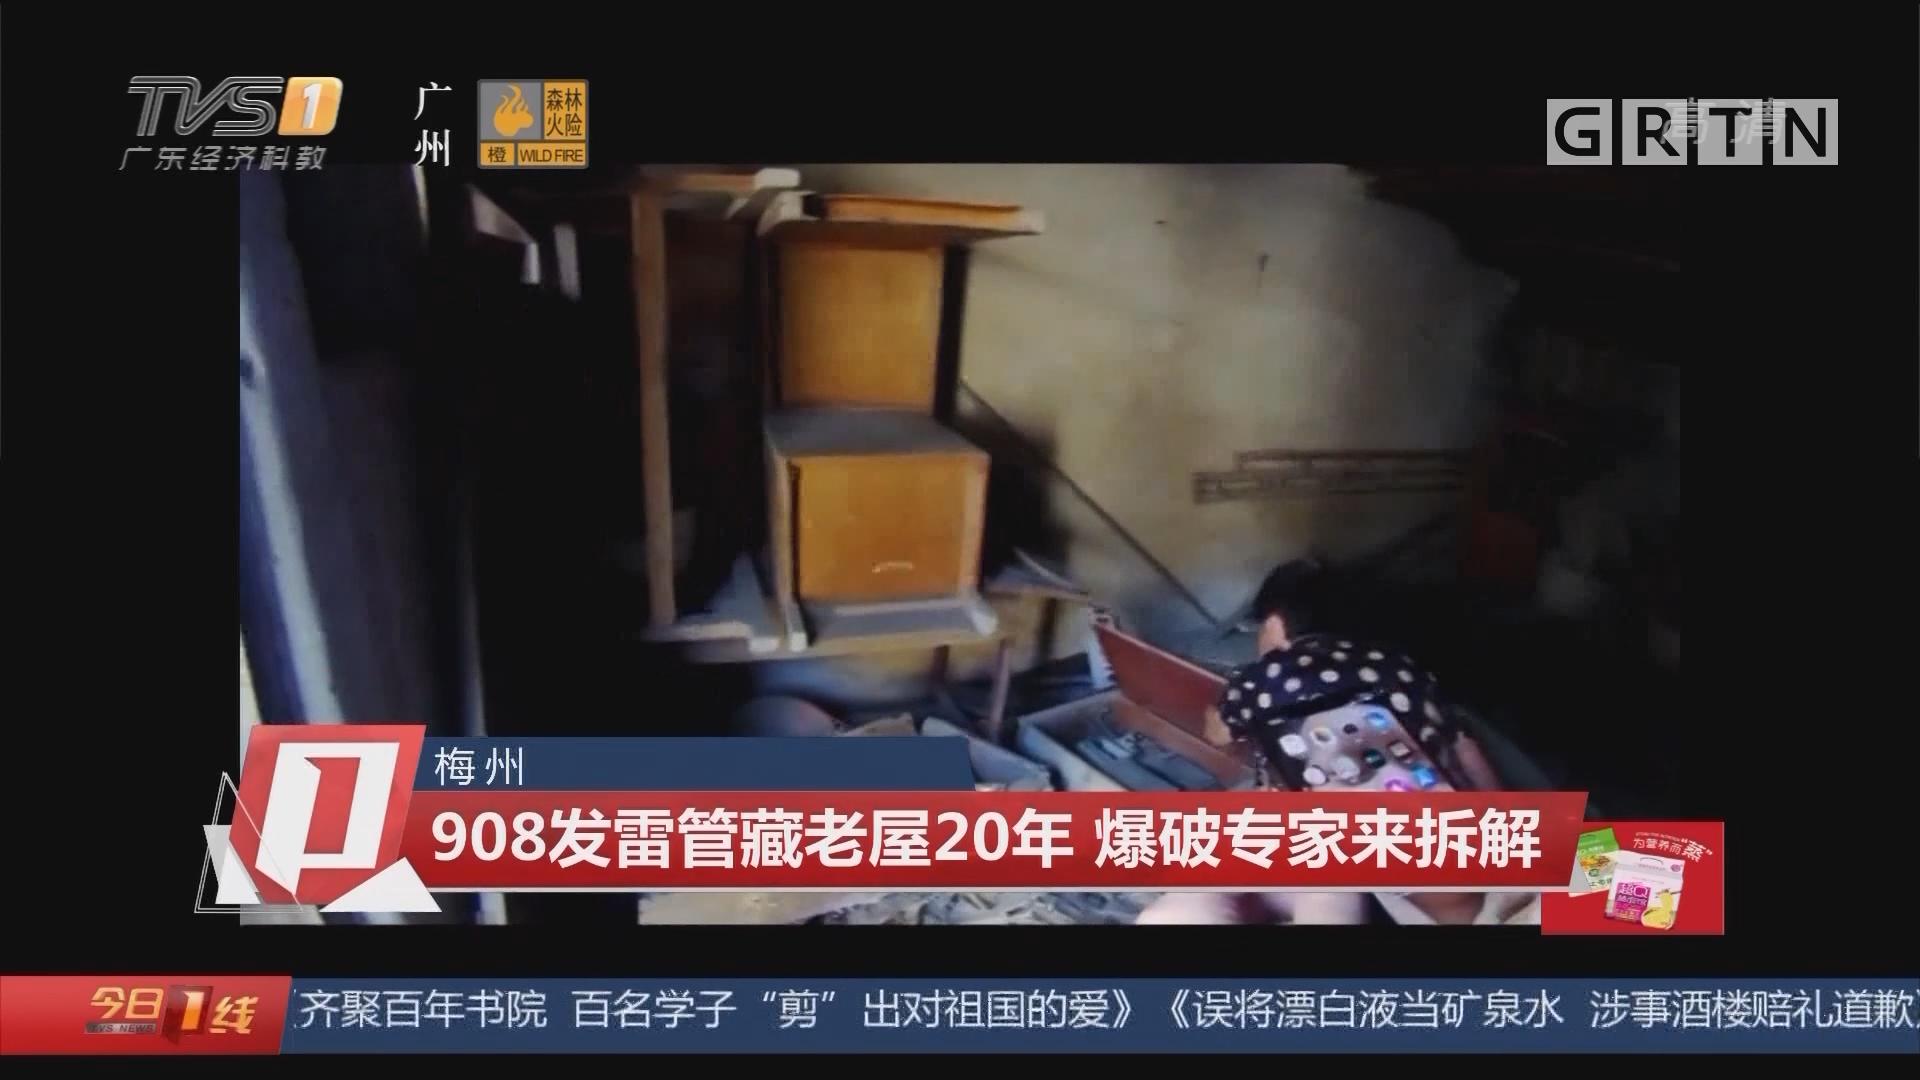 梅州:908发雷管藏老屋20年 爆破专家来拆解